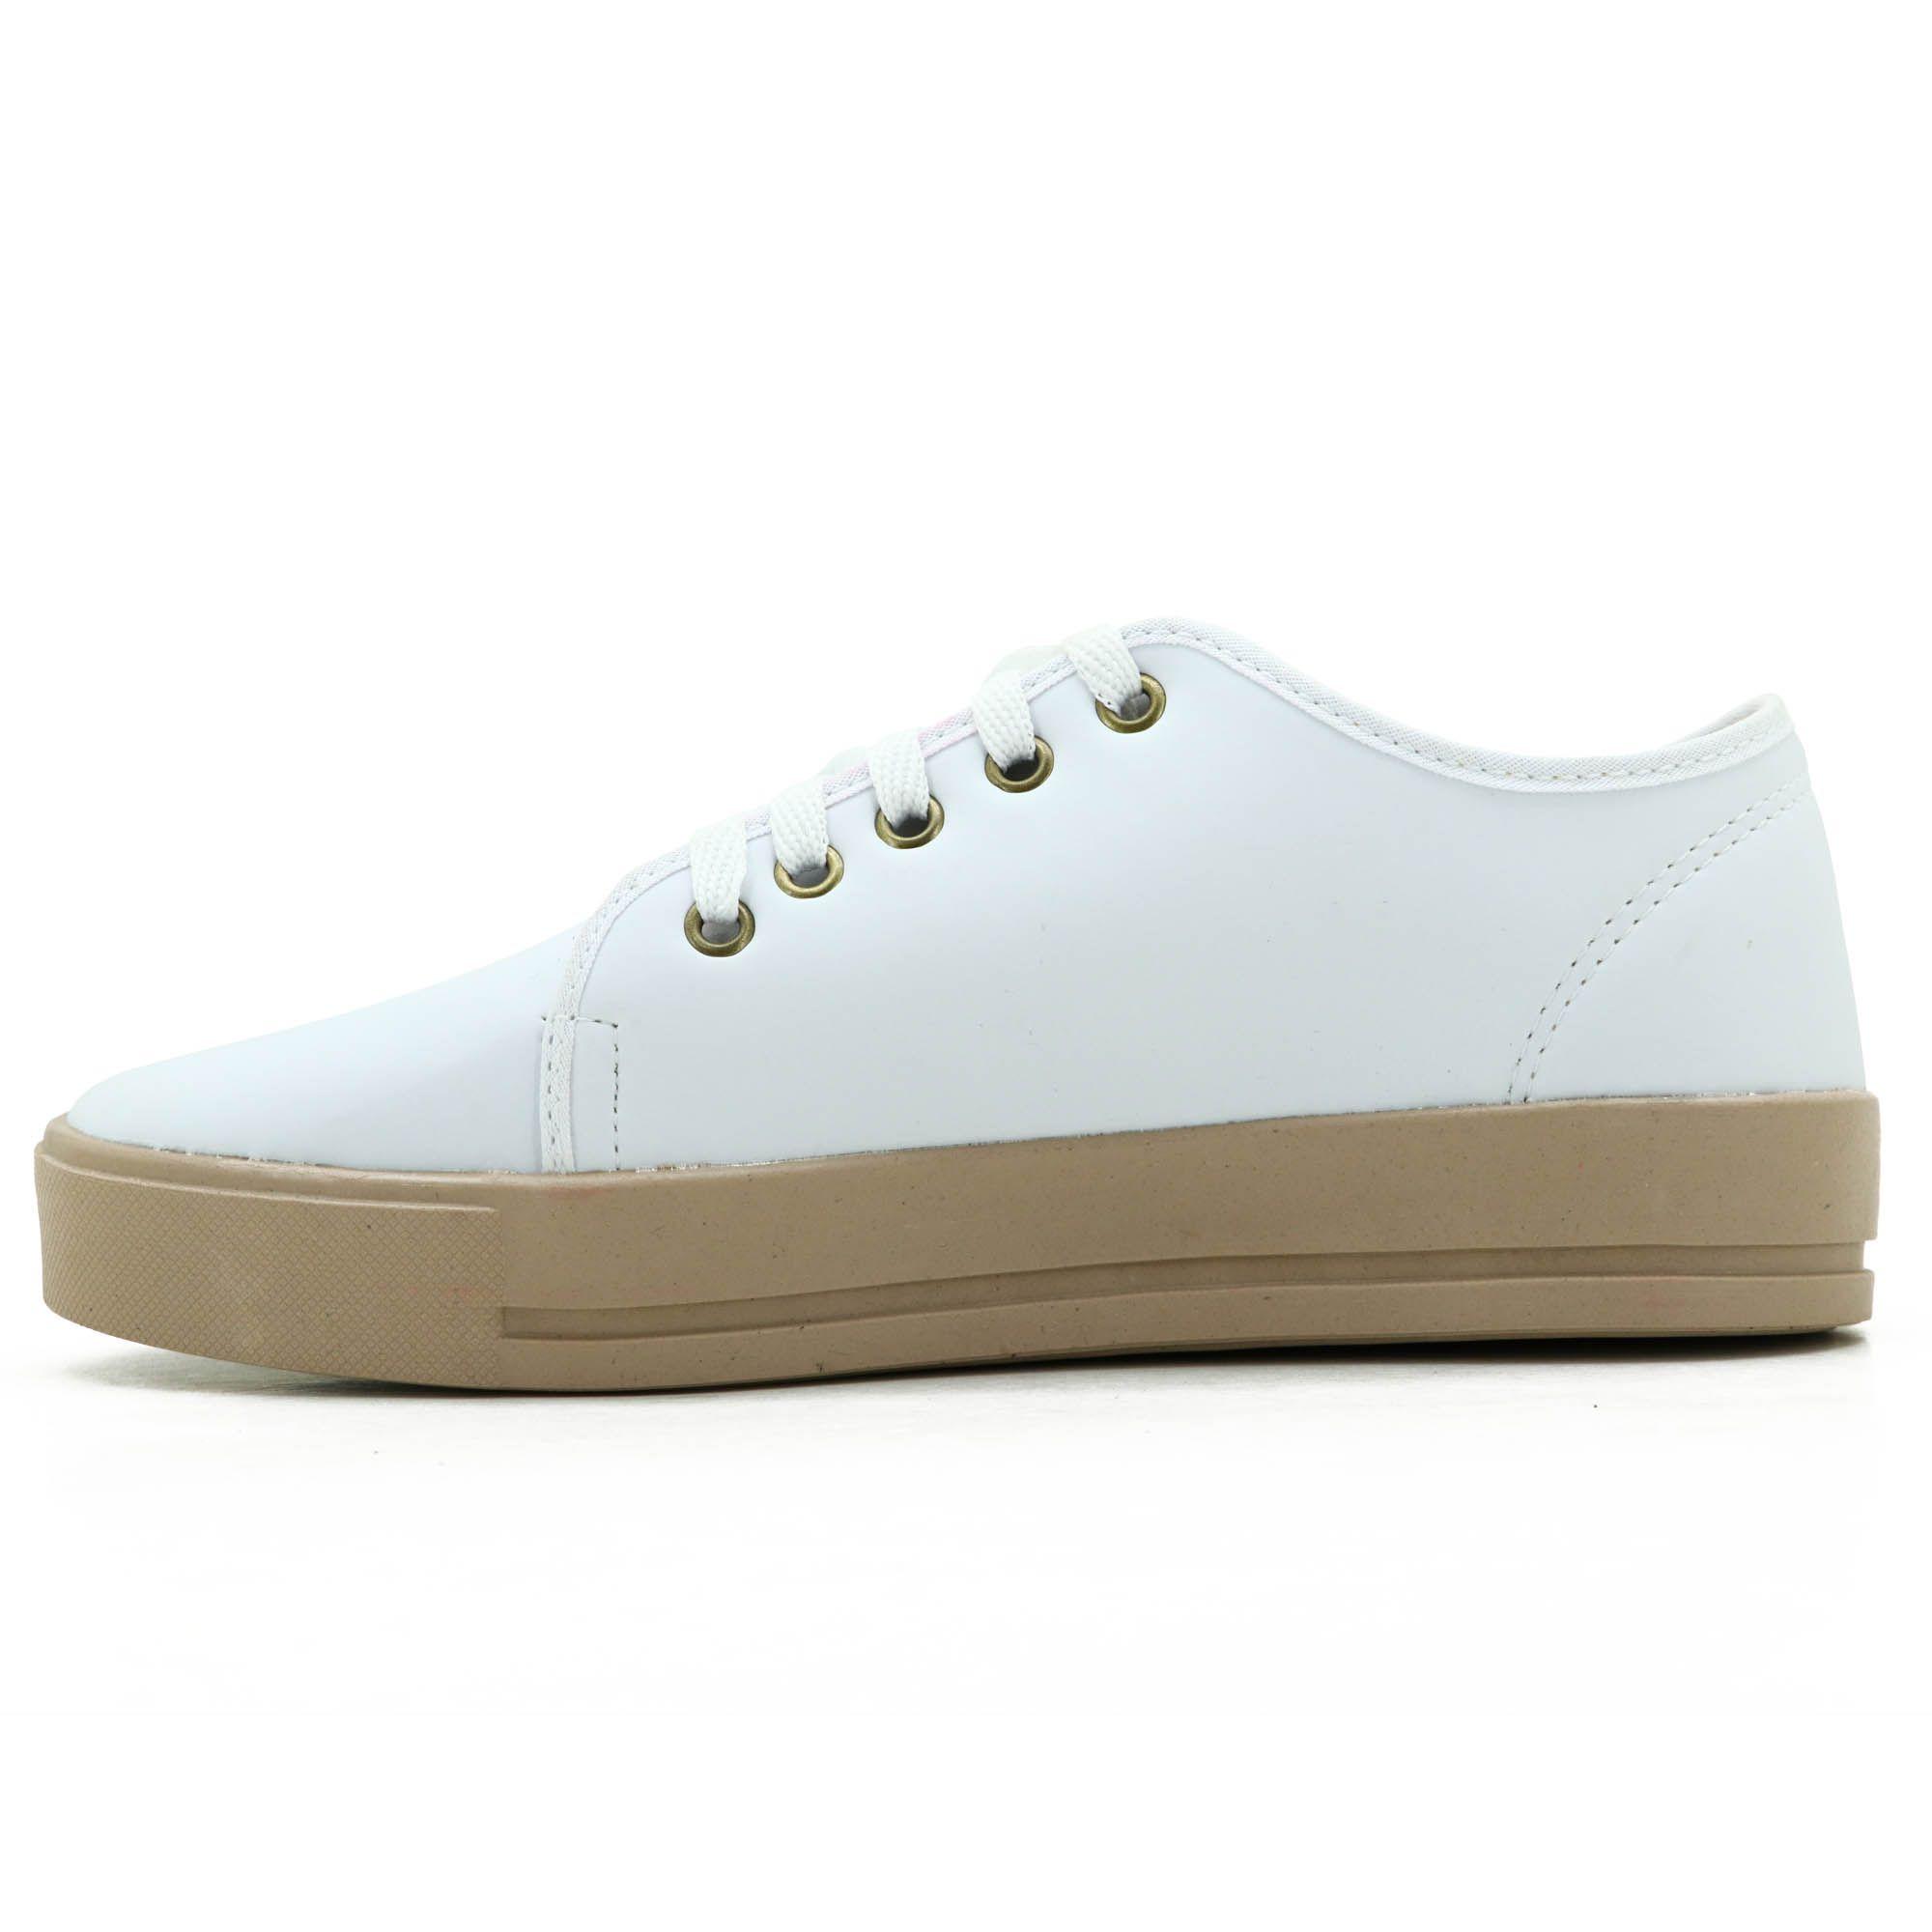 Kit sapatênis feminino Atron Shoes Moda evangélica 27000